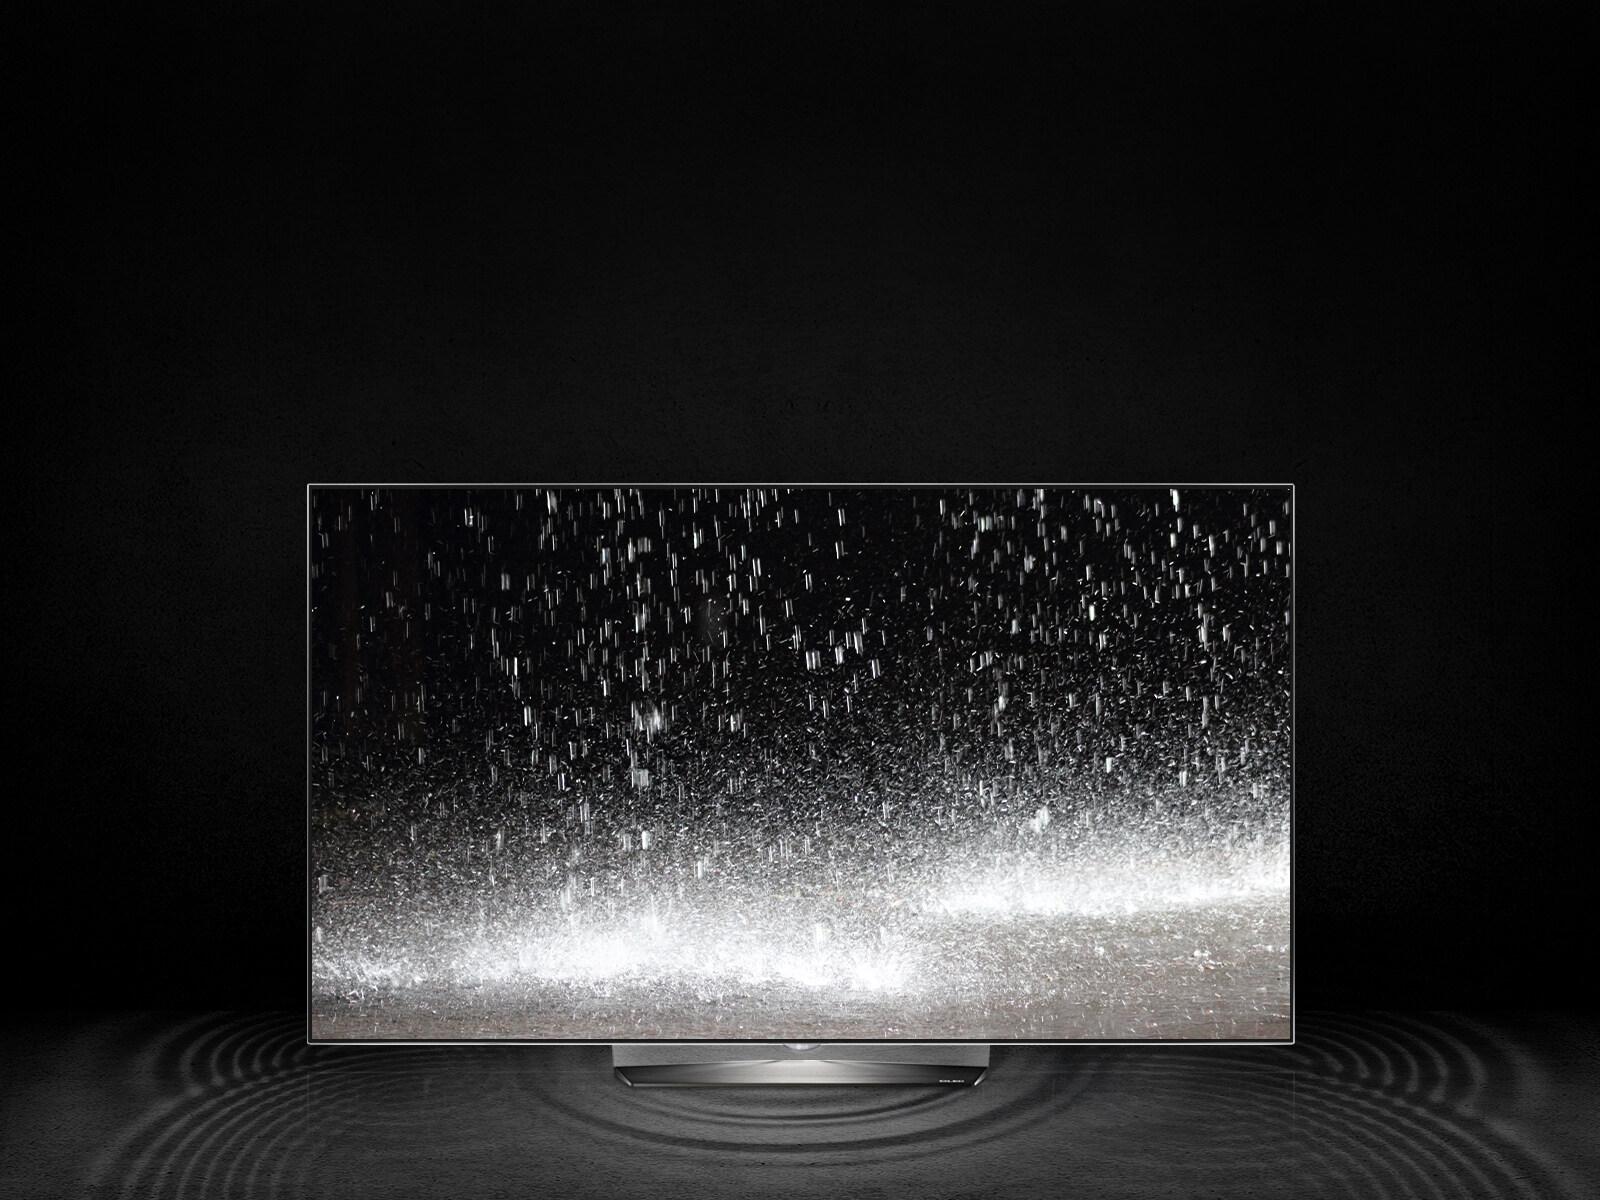 เสียงทีวีคุณภาพ ที่ปรับแต่งร่วมกับ แบรนด์เครื่องเสียง Hi-end อย่าง harman/kardon®